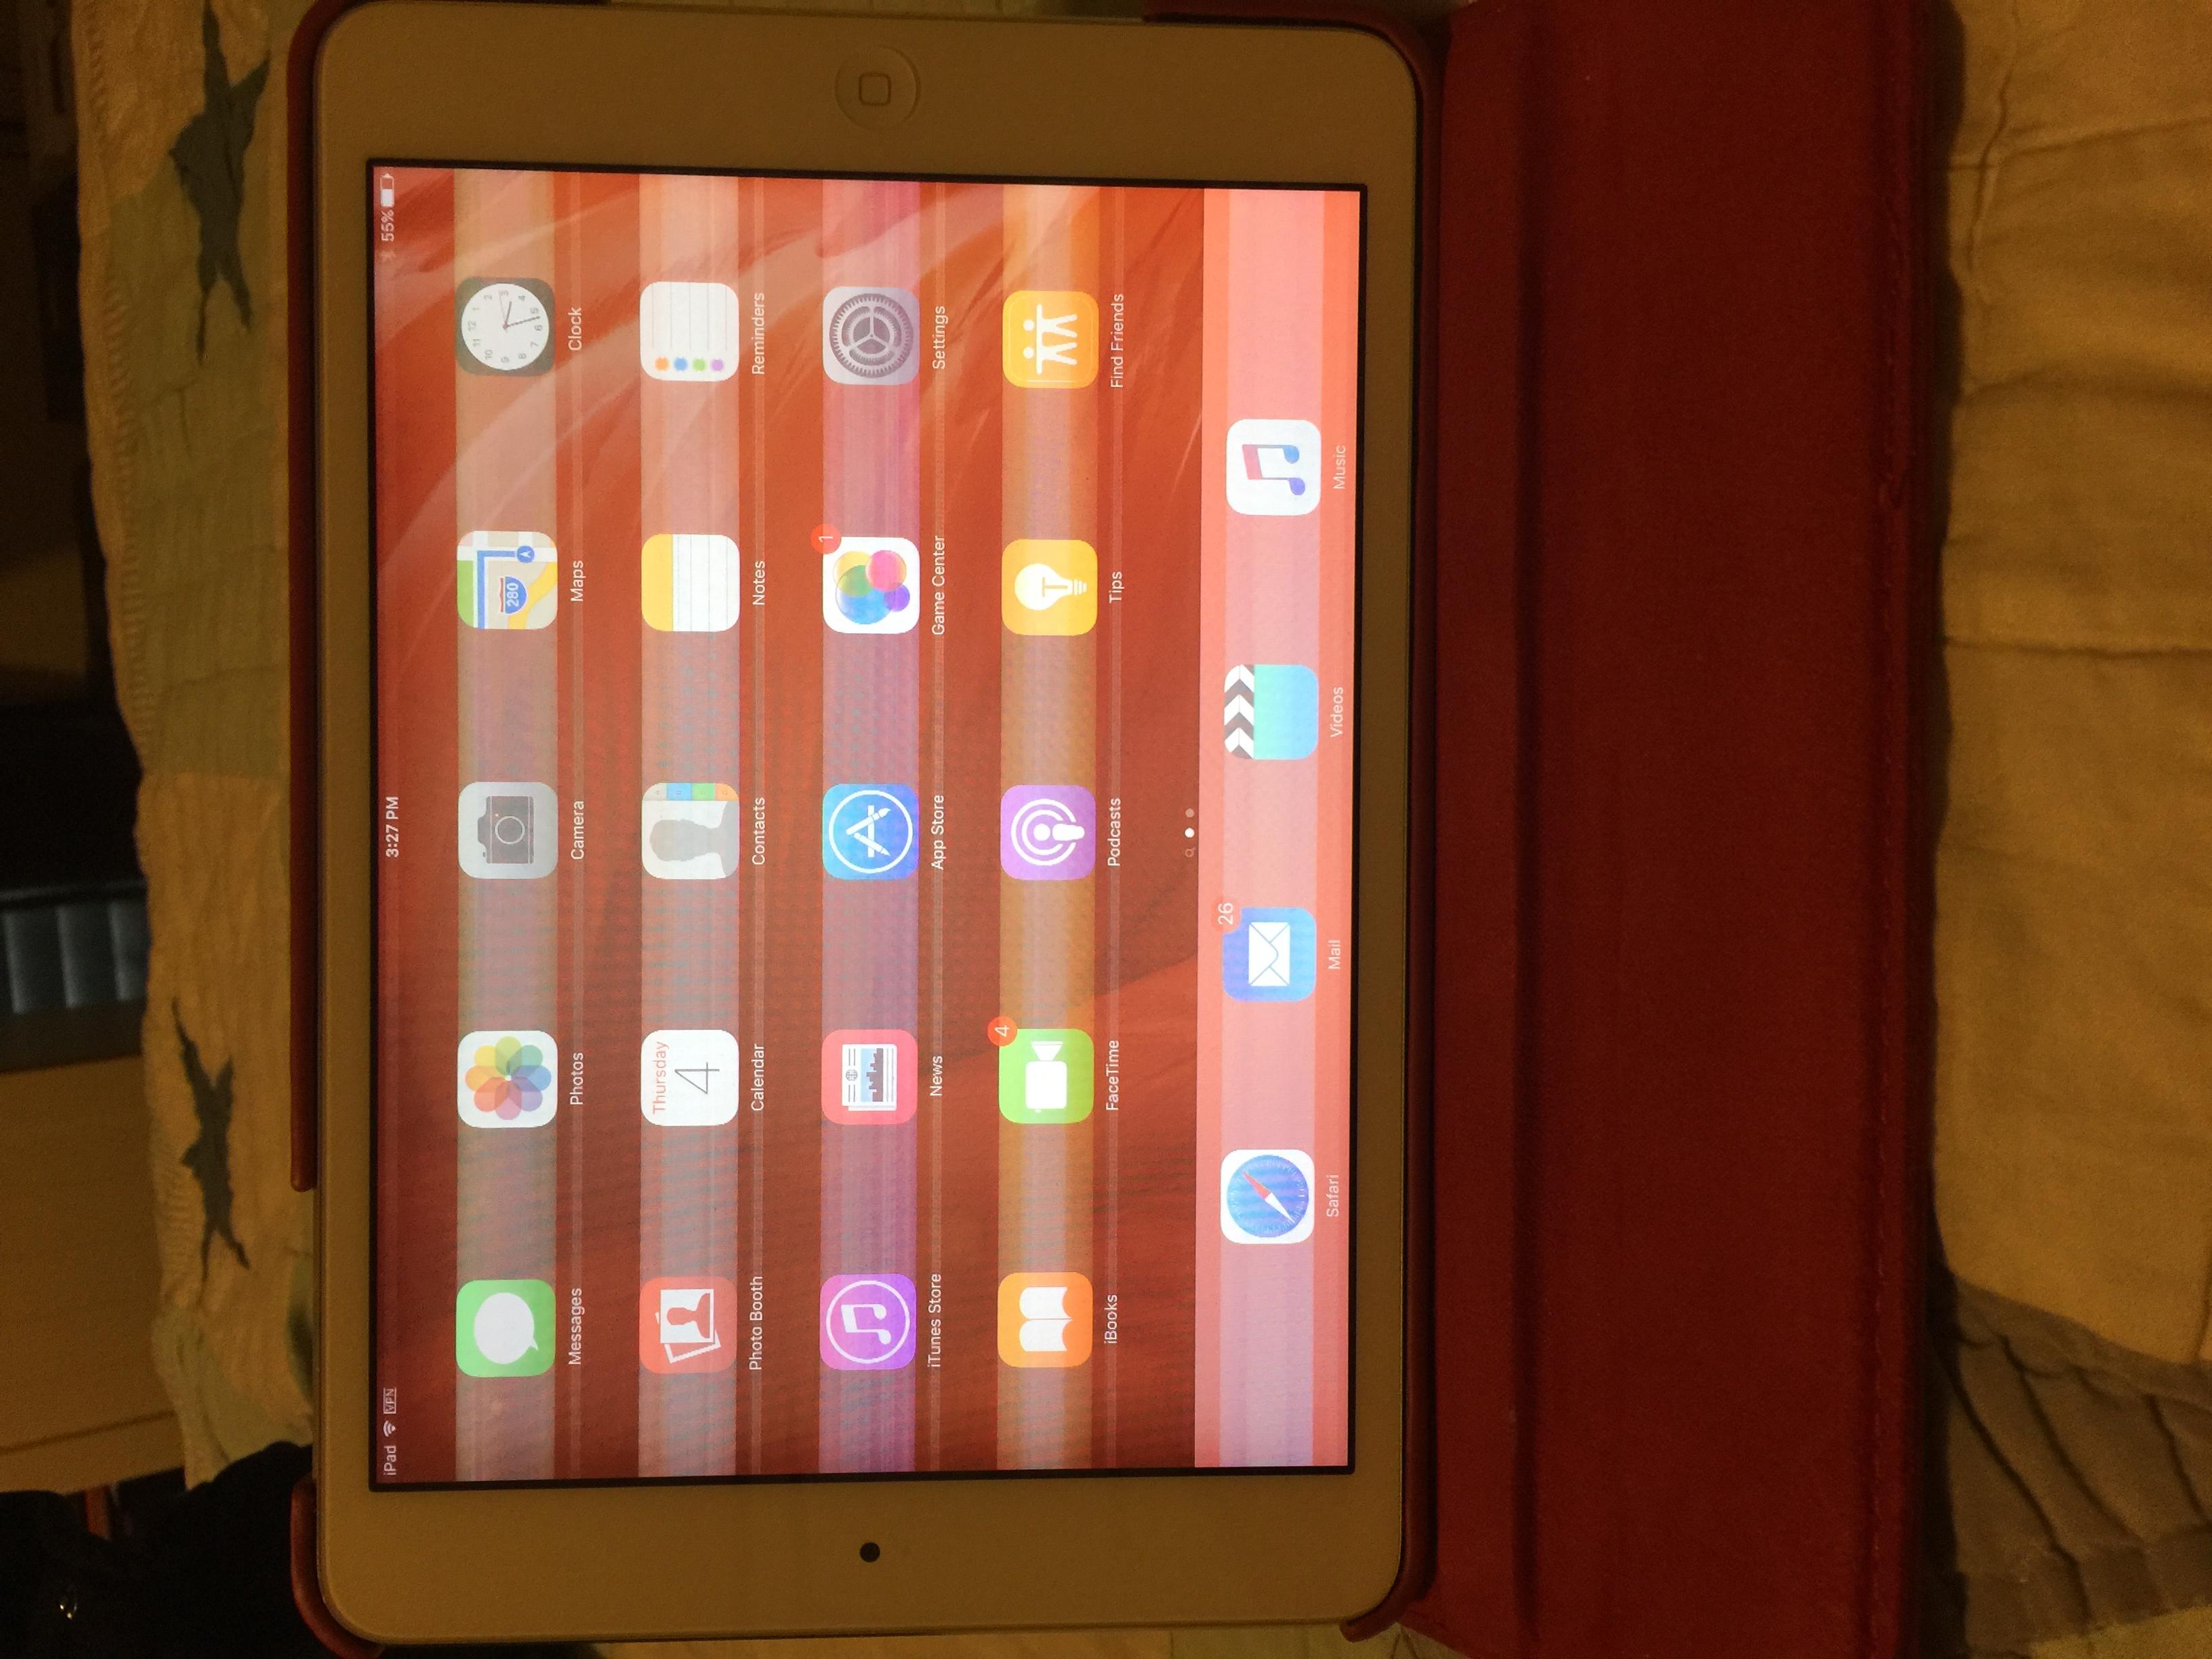 iPad mini 2 screen problem - Apple Community